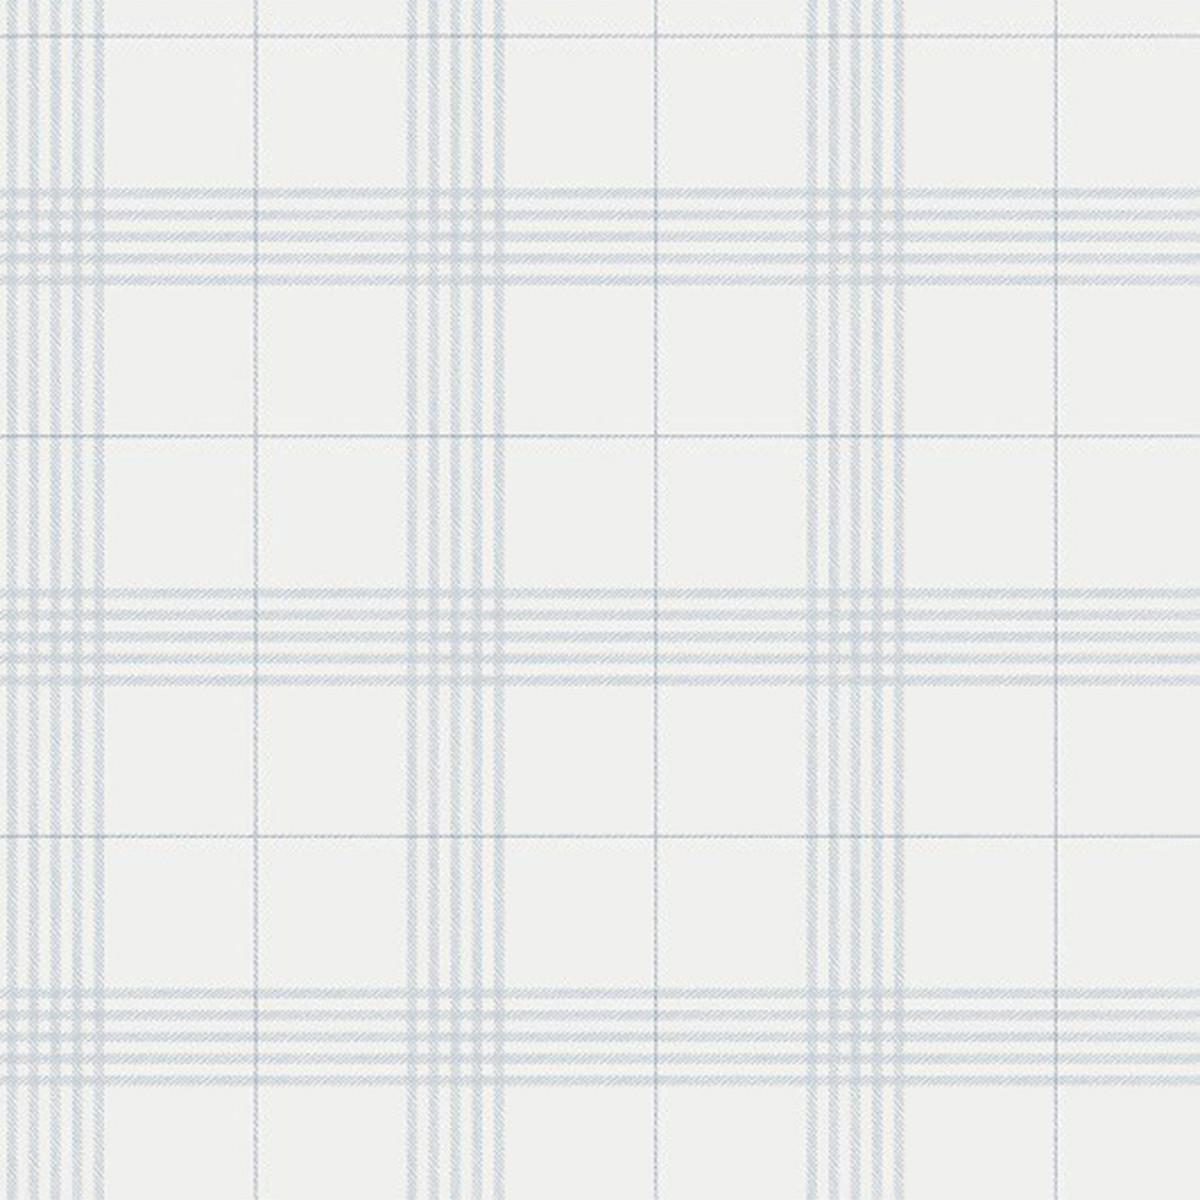 Обои флизелиновые Collection For Walls Northern Feelings голубые 0.53 м 203403